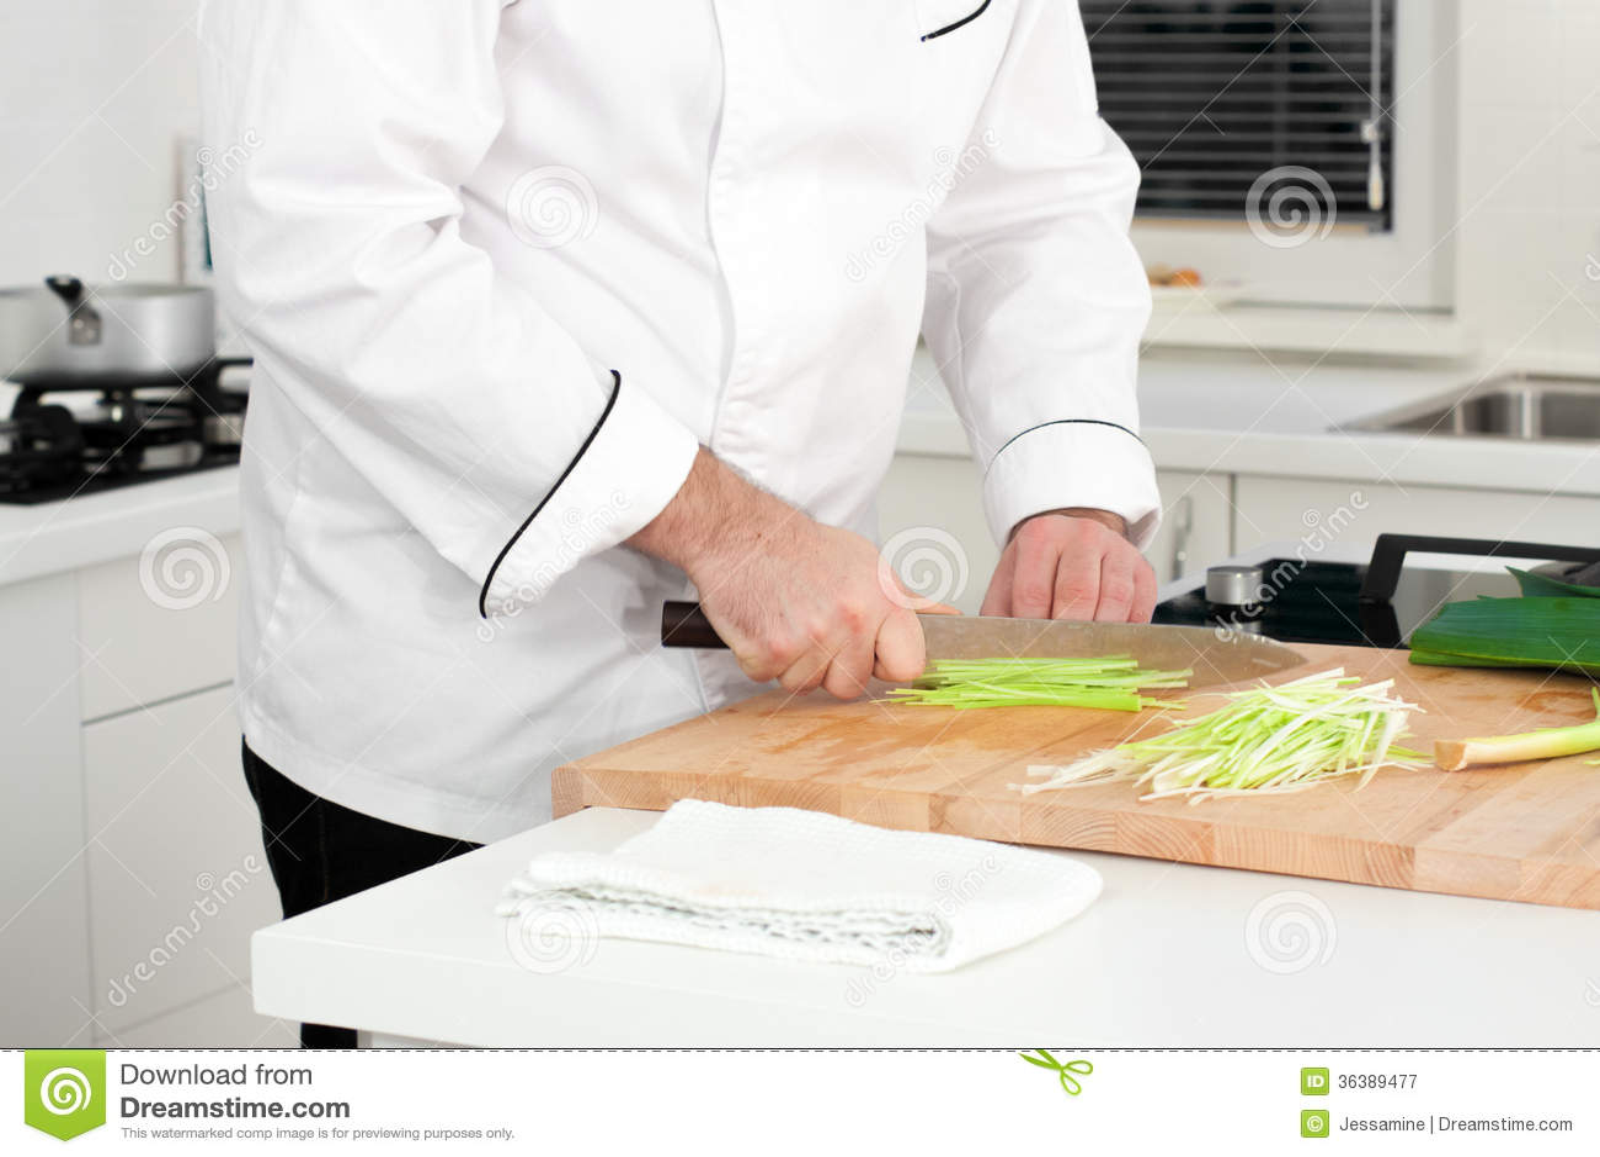 厨师切口韭葱